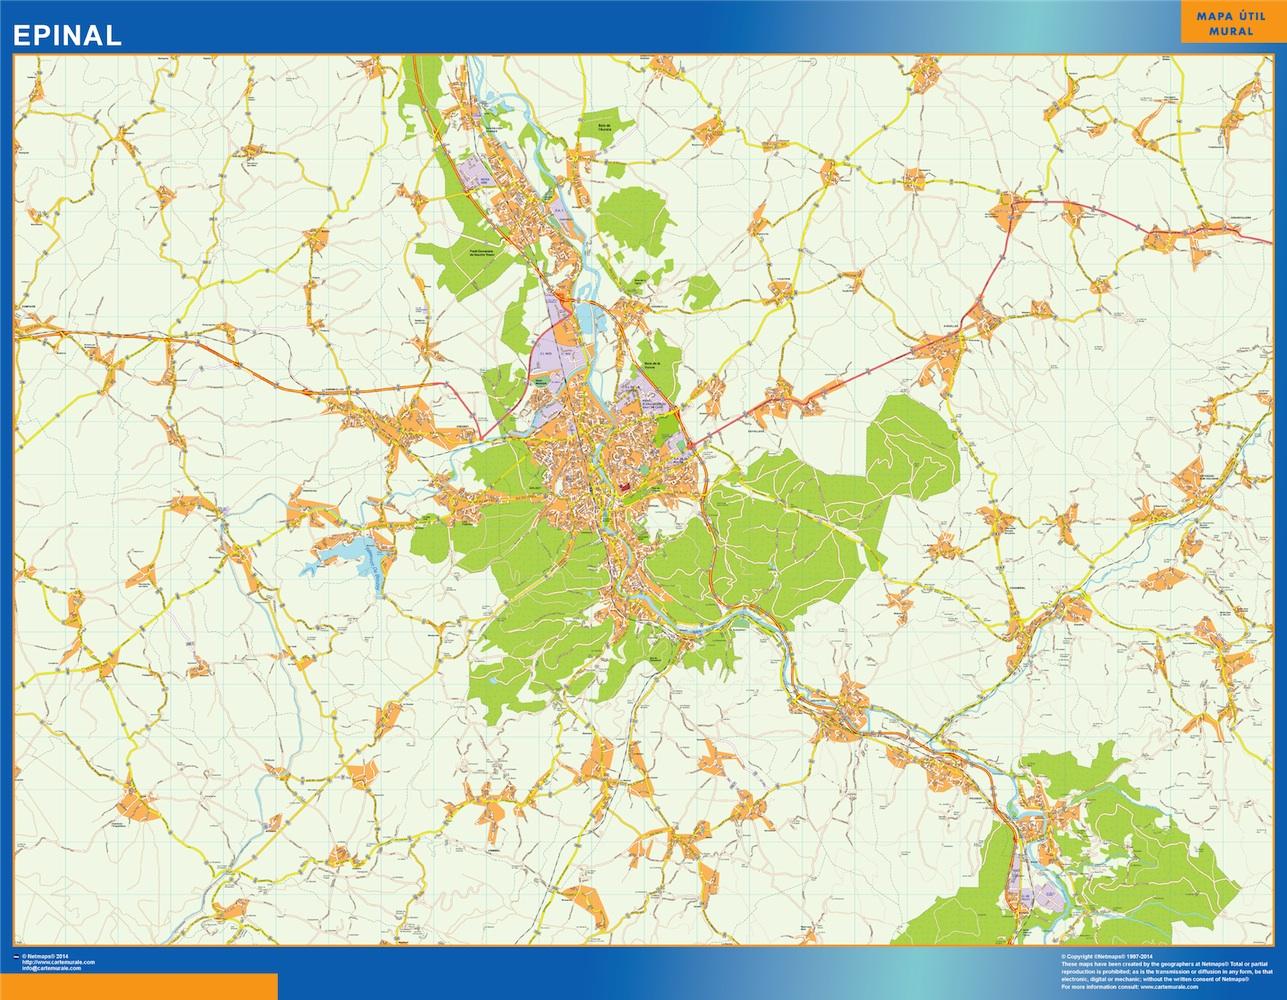 Mapa Epinal en Francia plastificado gigante